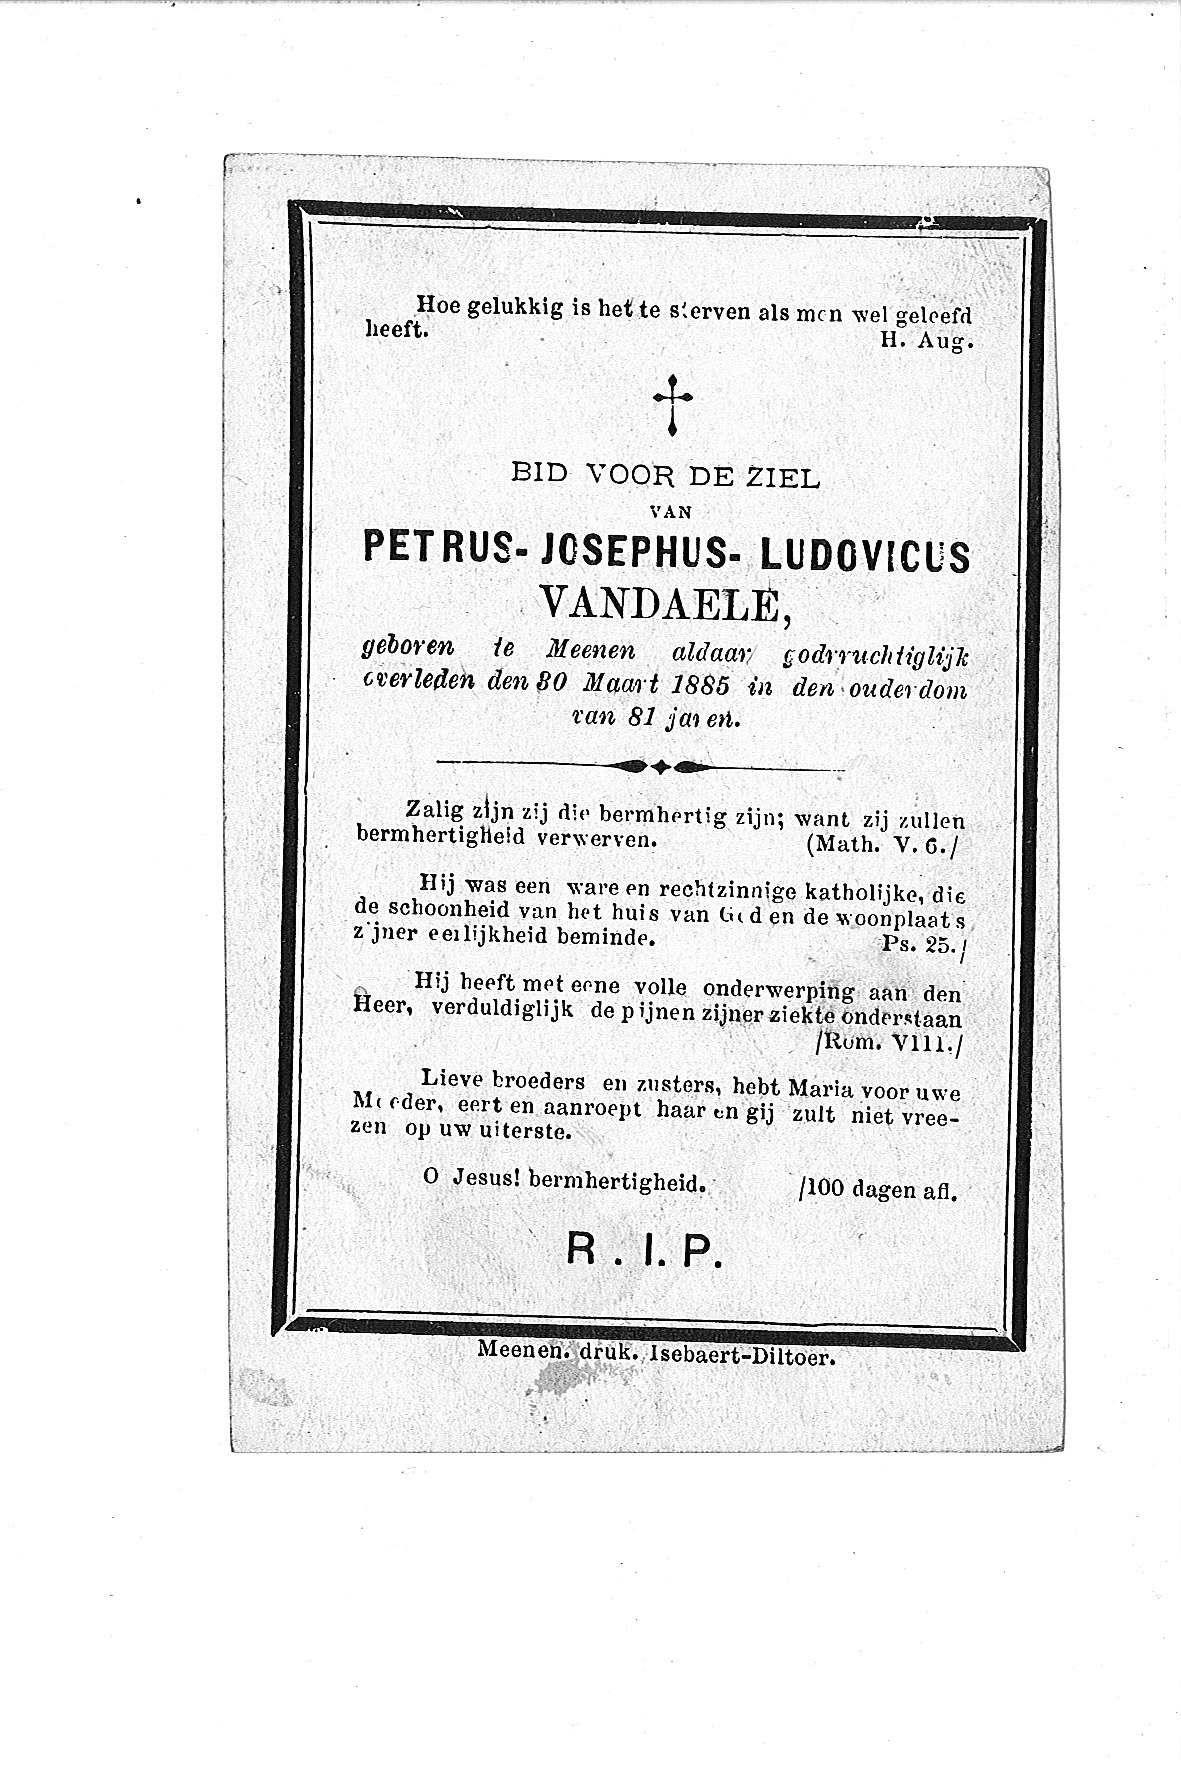 Petrus-Josephus(1885)20091211103320_00012.jpg